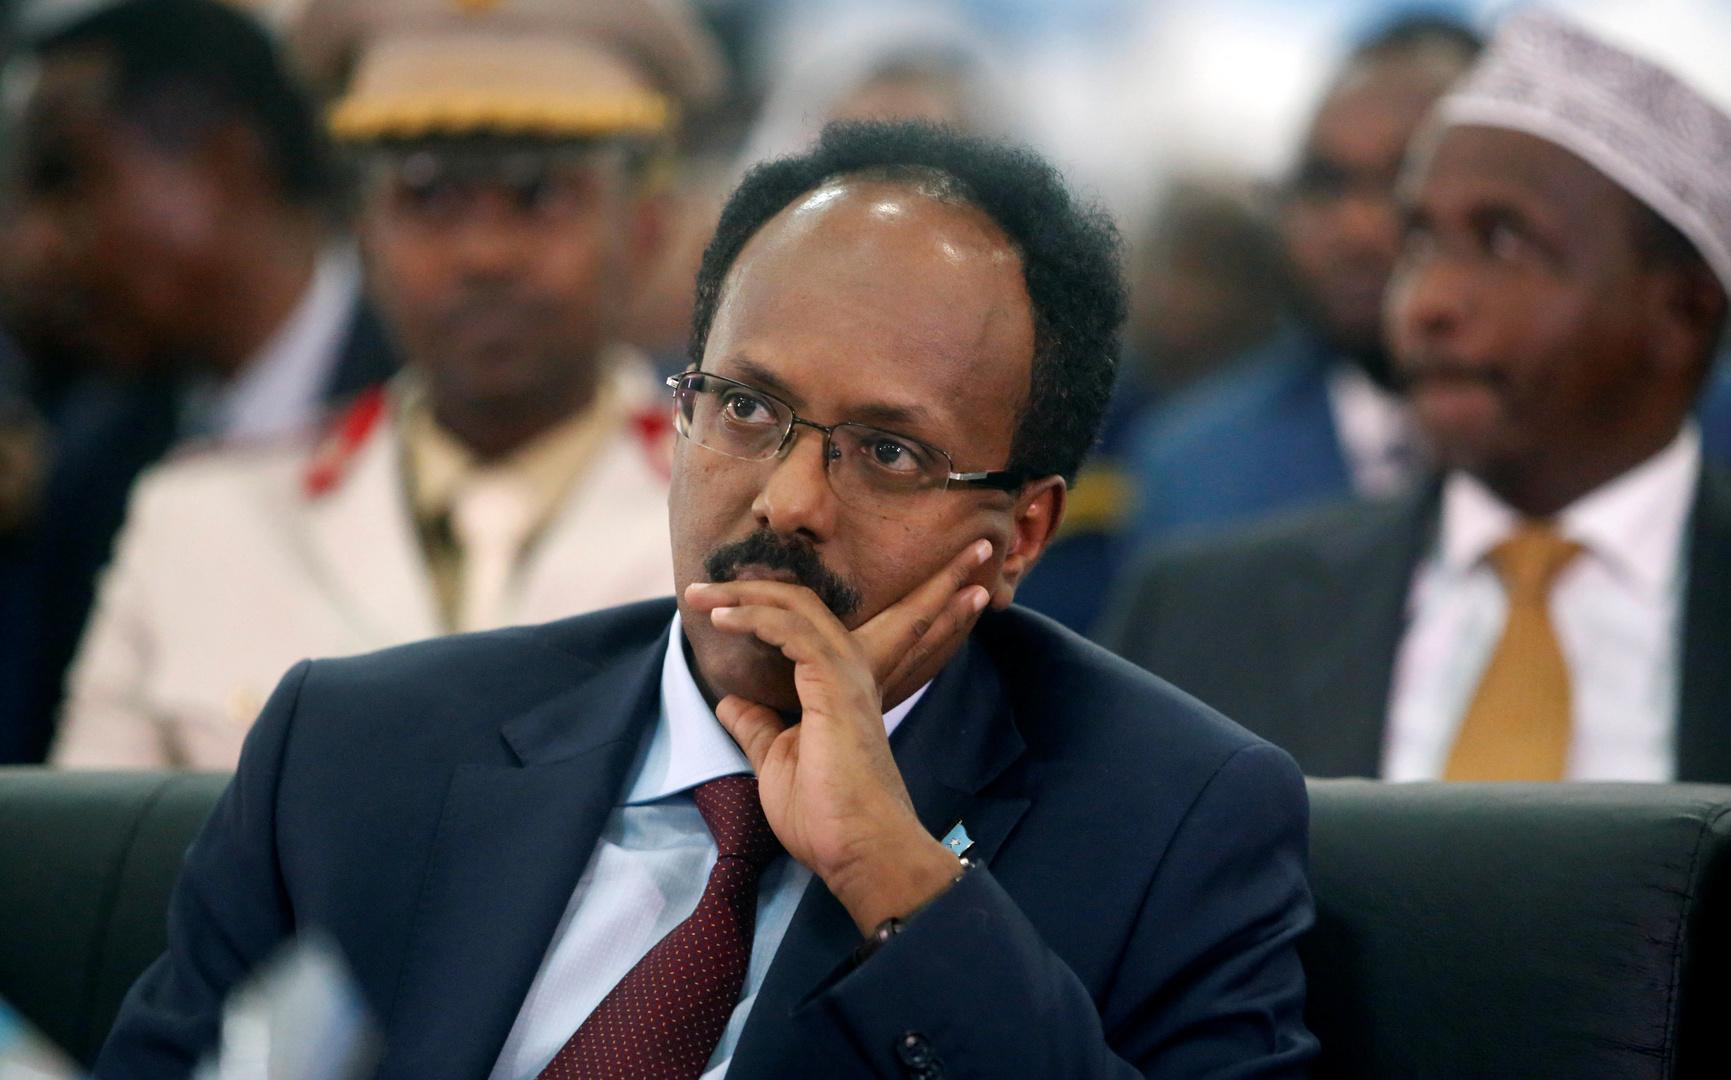 الصومال.. الرئيس فرماجو يوقع على التمديد لنفسه وللبرلمان لمدة عامين